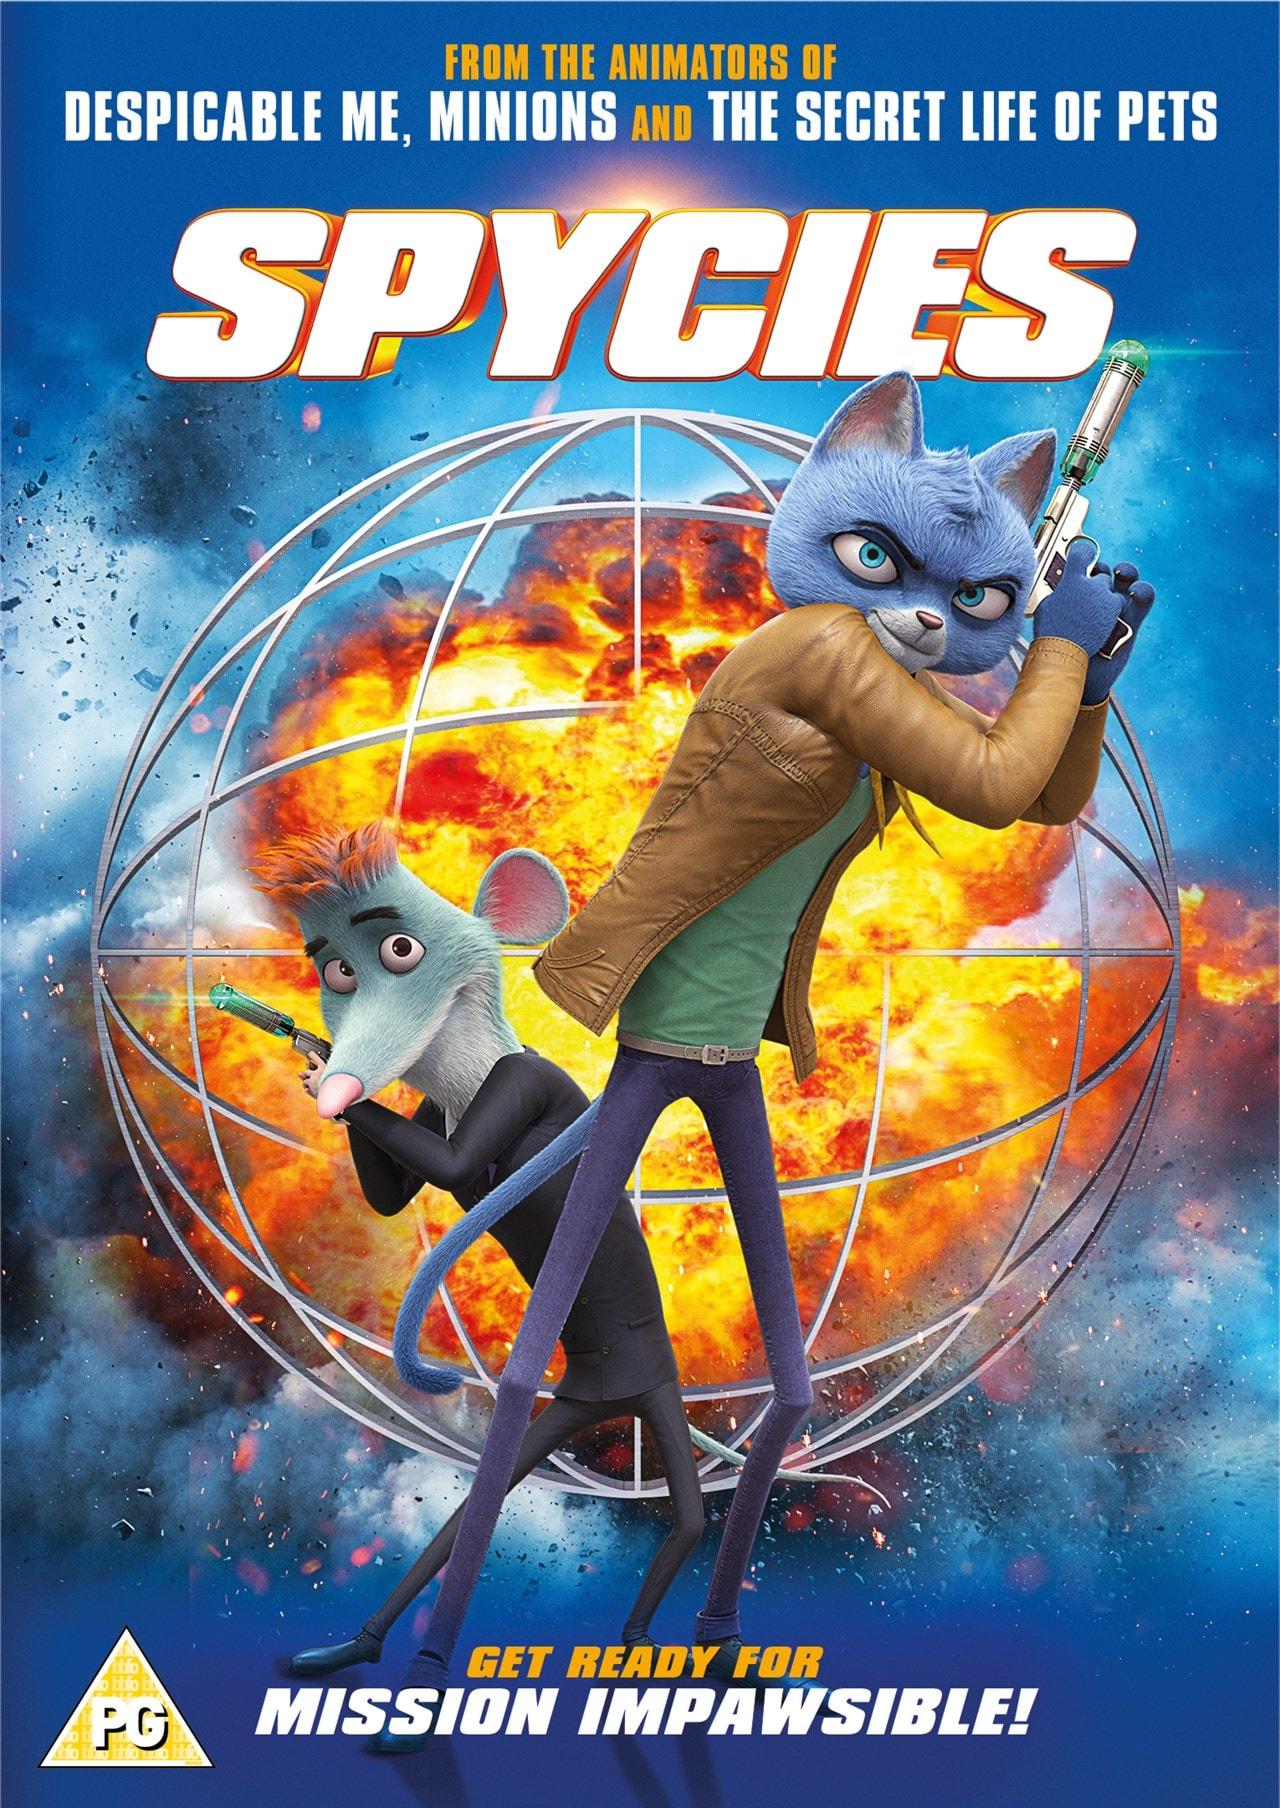 Spycies - 1